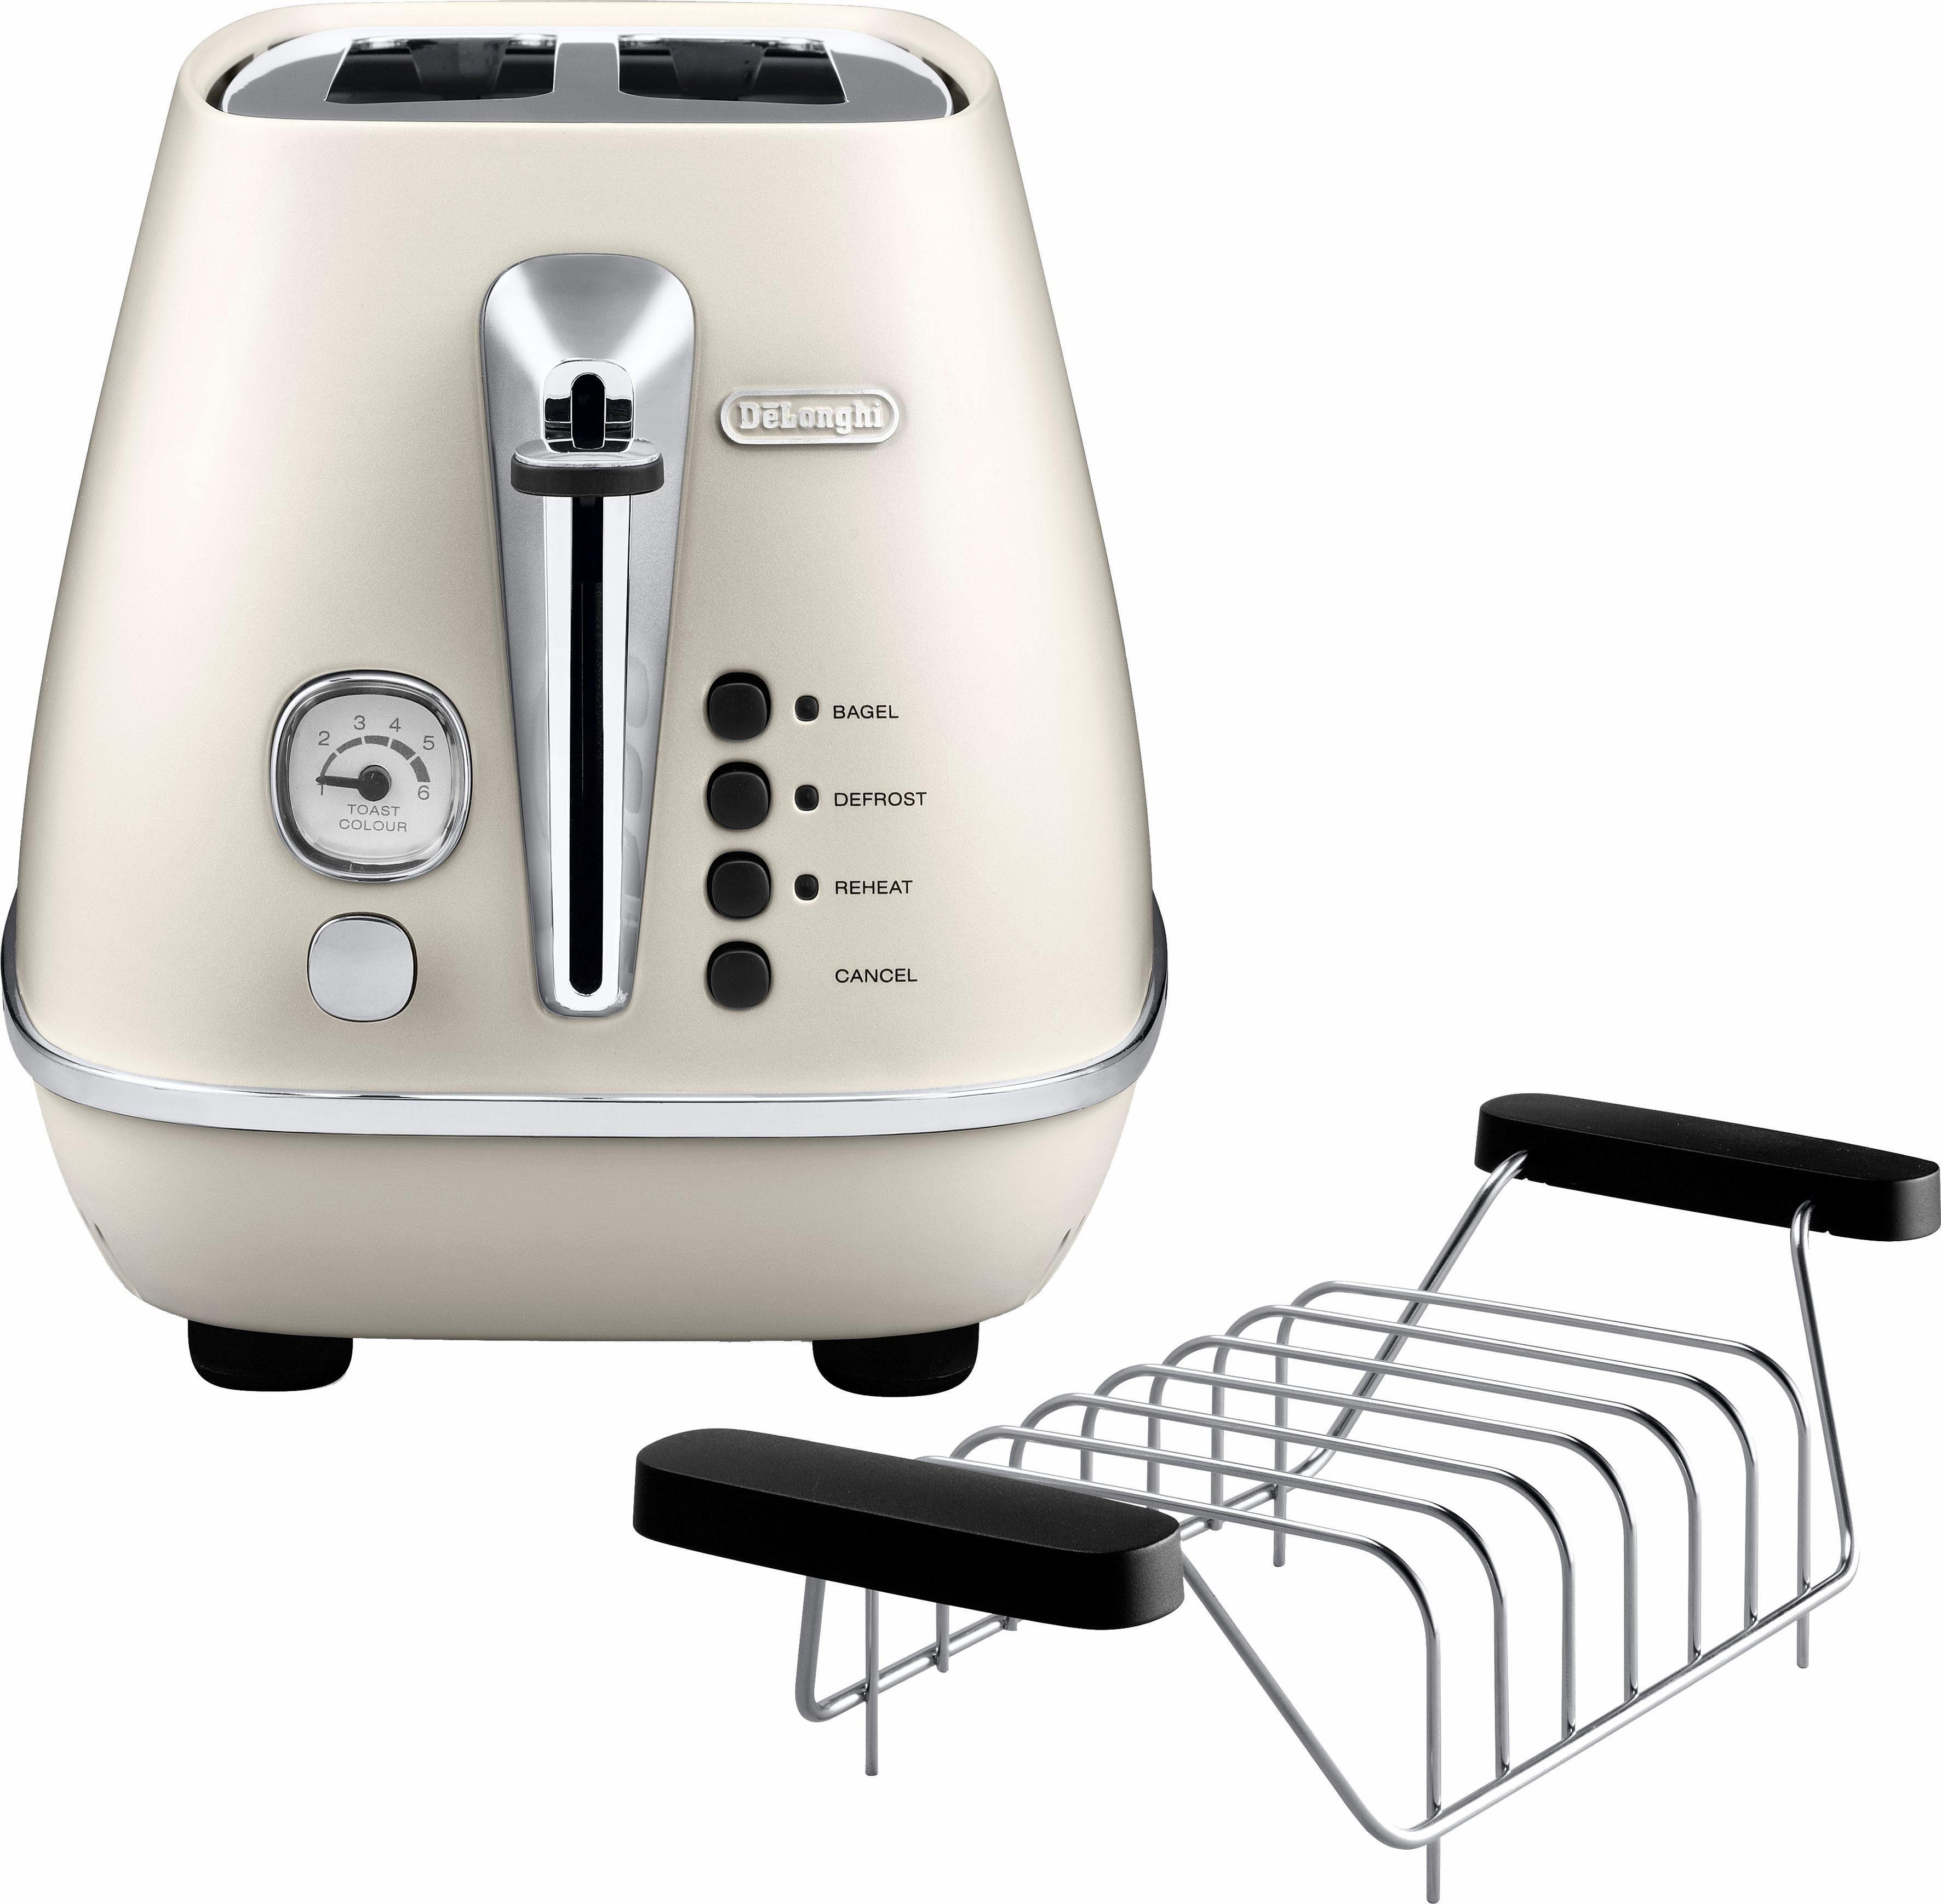 De'Longhi Toaster Distinta CTI 2103.W, 2 kurze Schlitze, für 2 Scheiben, 900 W